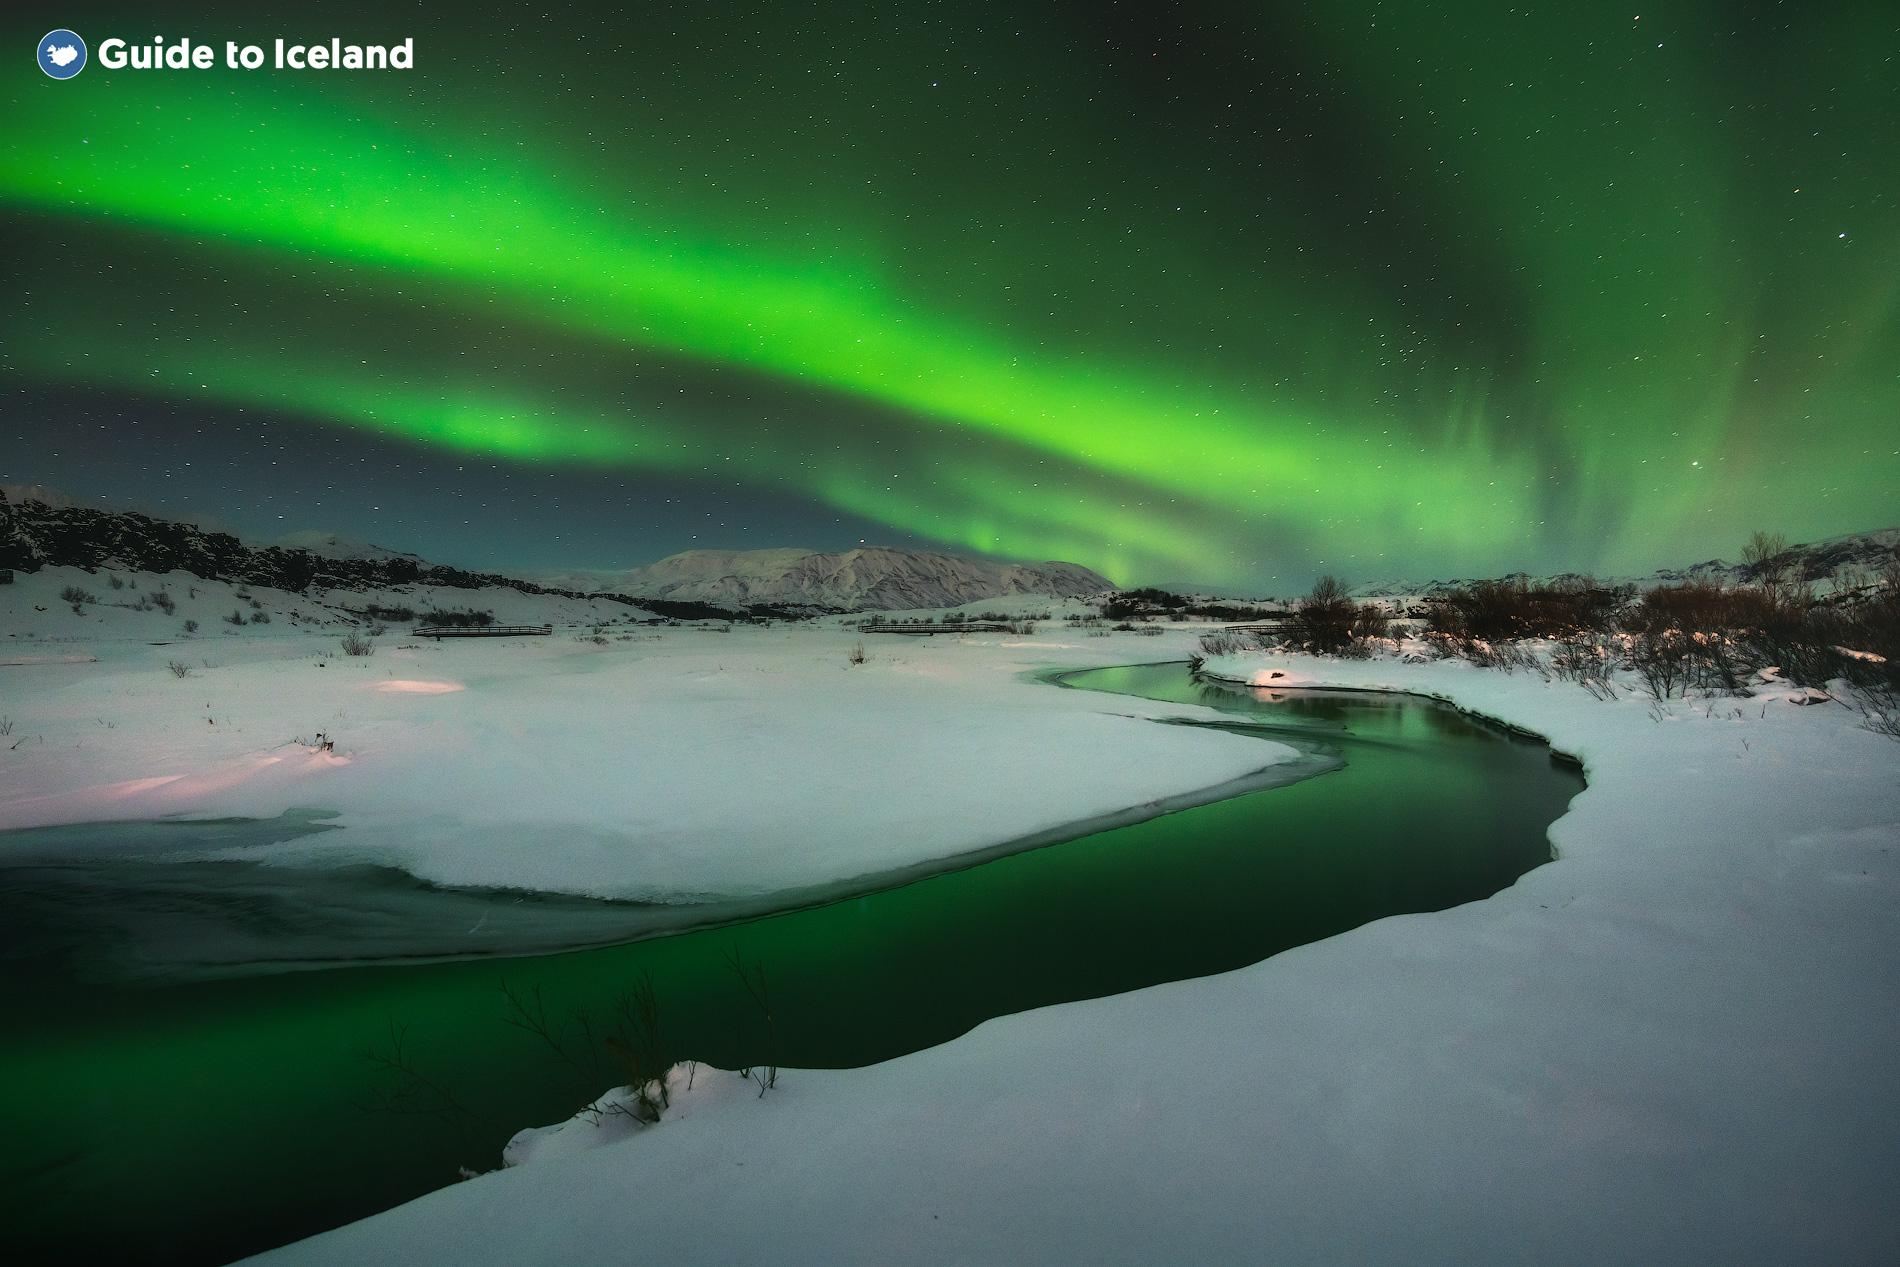 L'Aurora Boreale ricompensa coloro che si impegnano a cercarla e un tour autonomo offre ai viaggiatori infinite possibilità di vederla.